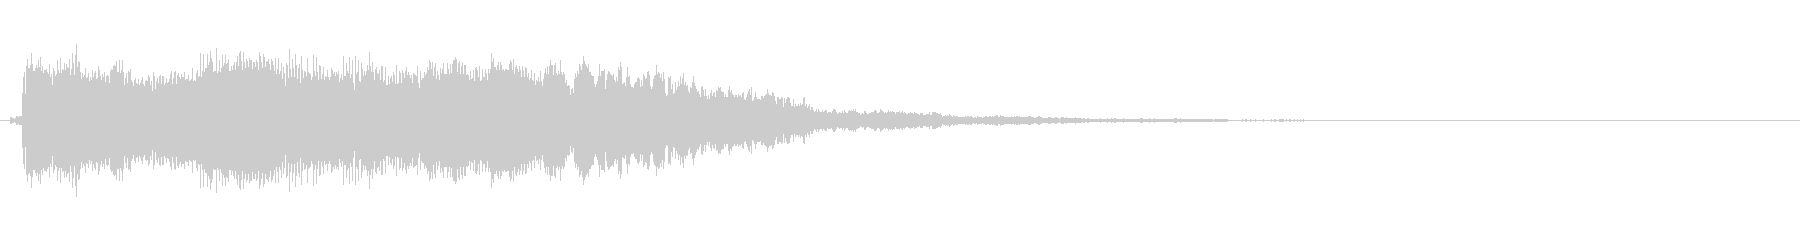 ロックブルースバンパー1の未再生の波形